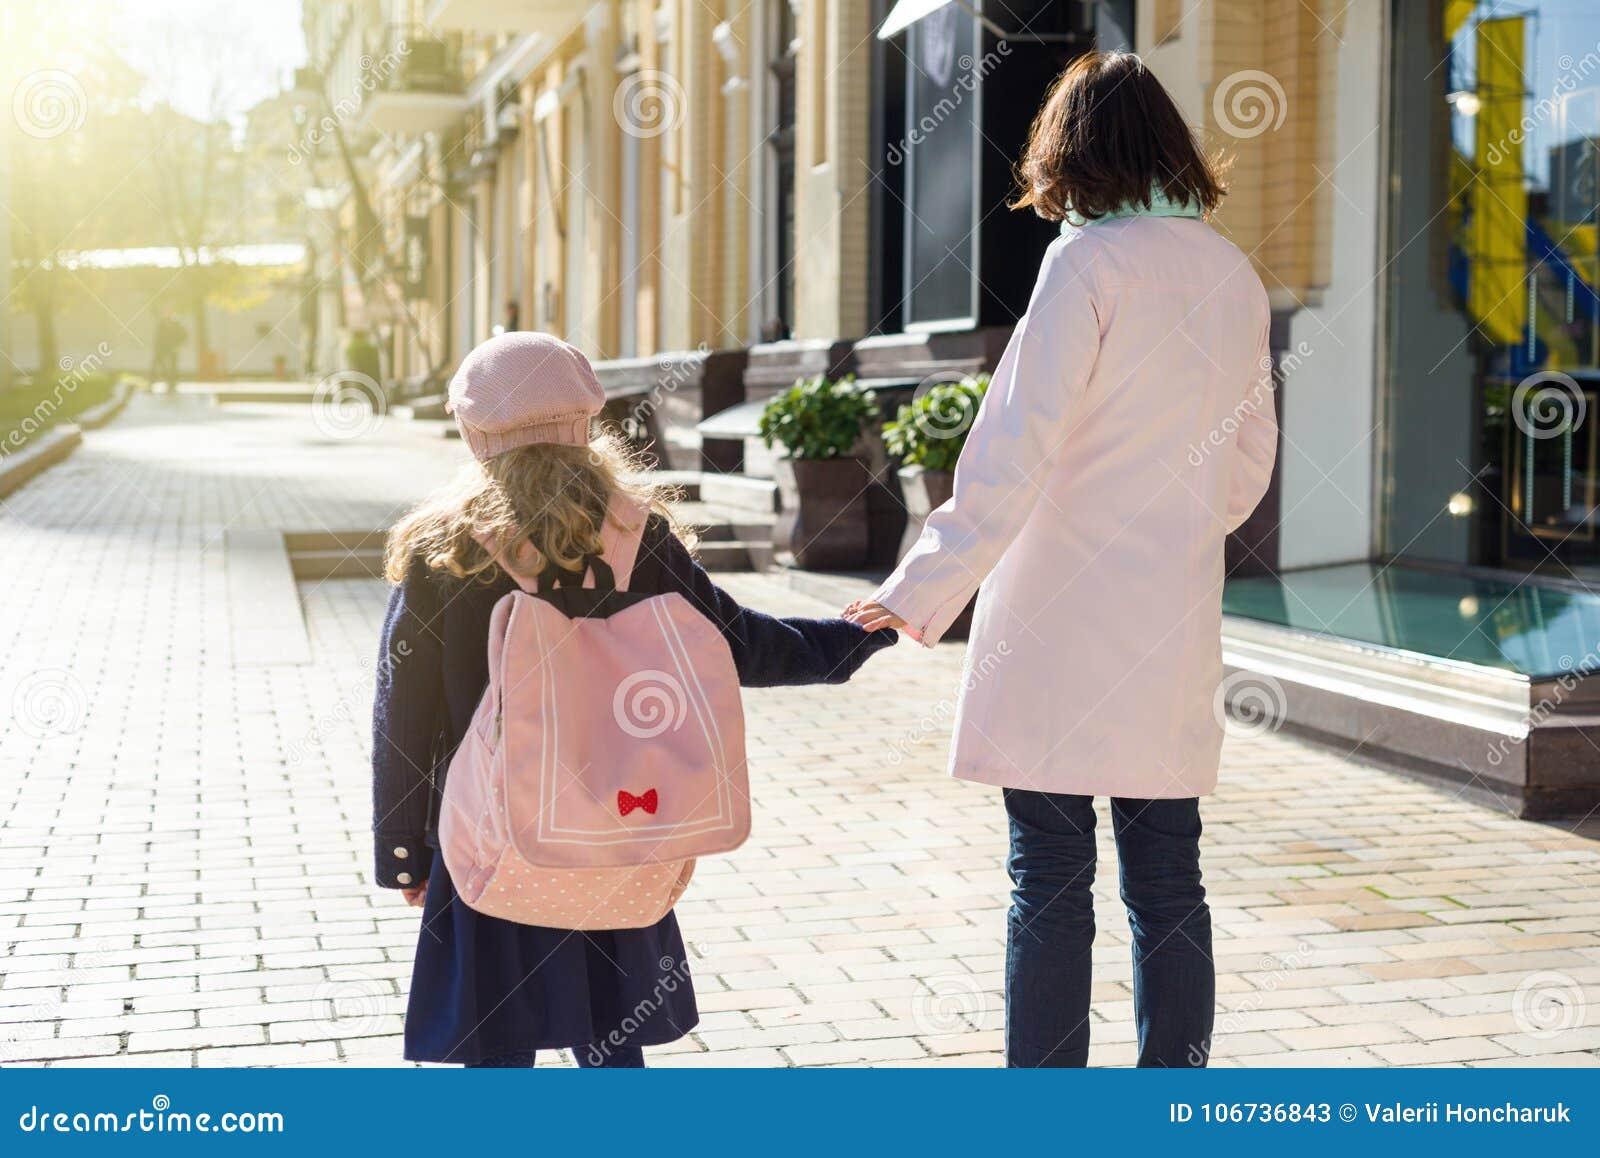 Mère L'enfant Ville L'école MainsFond Des D Tenant Portant À q5jLR3A4